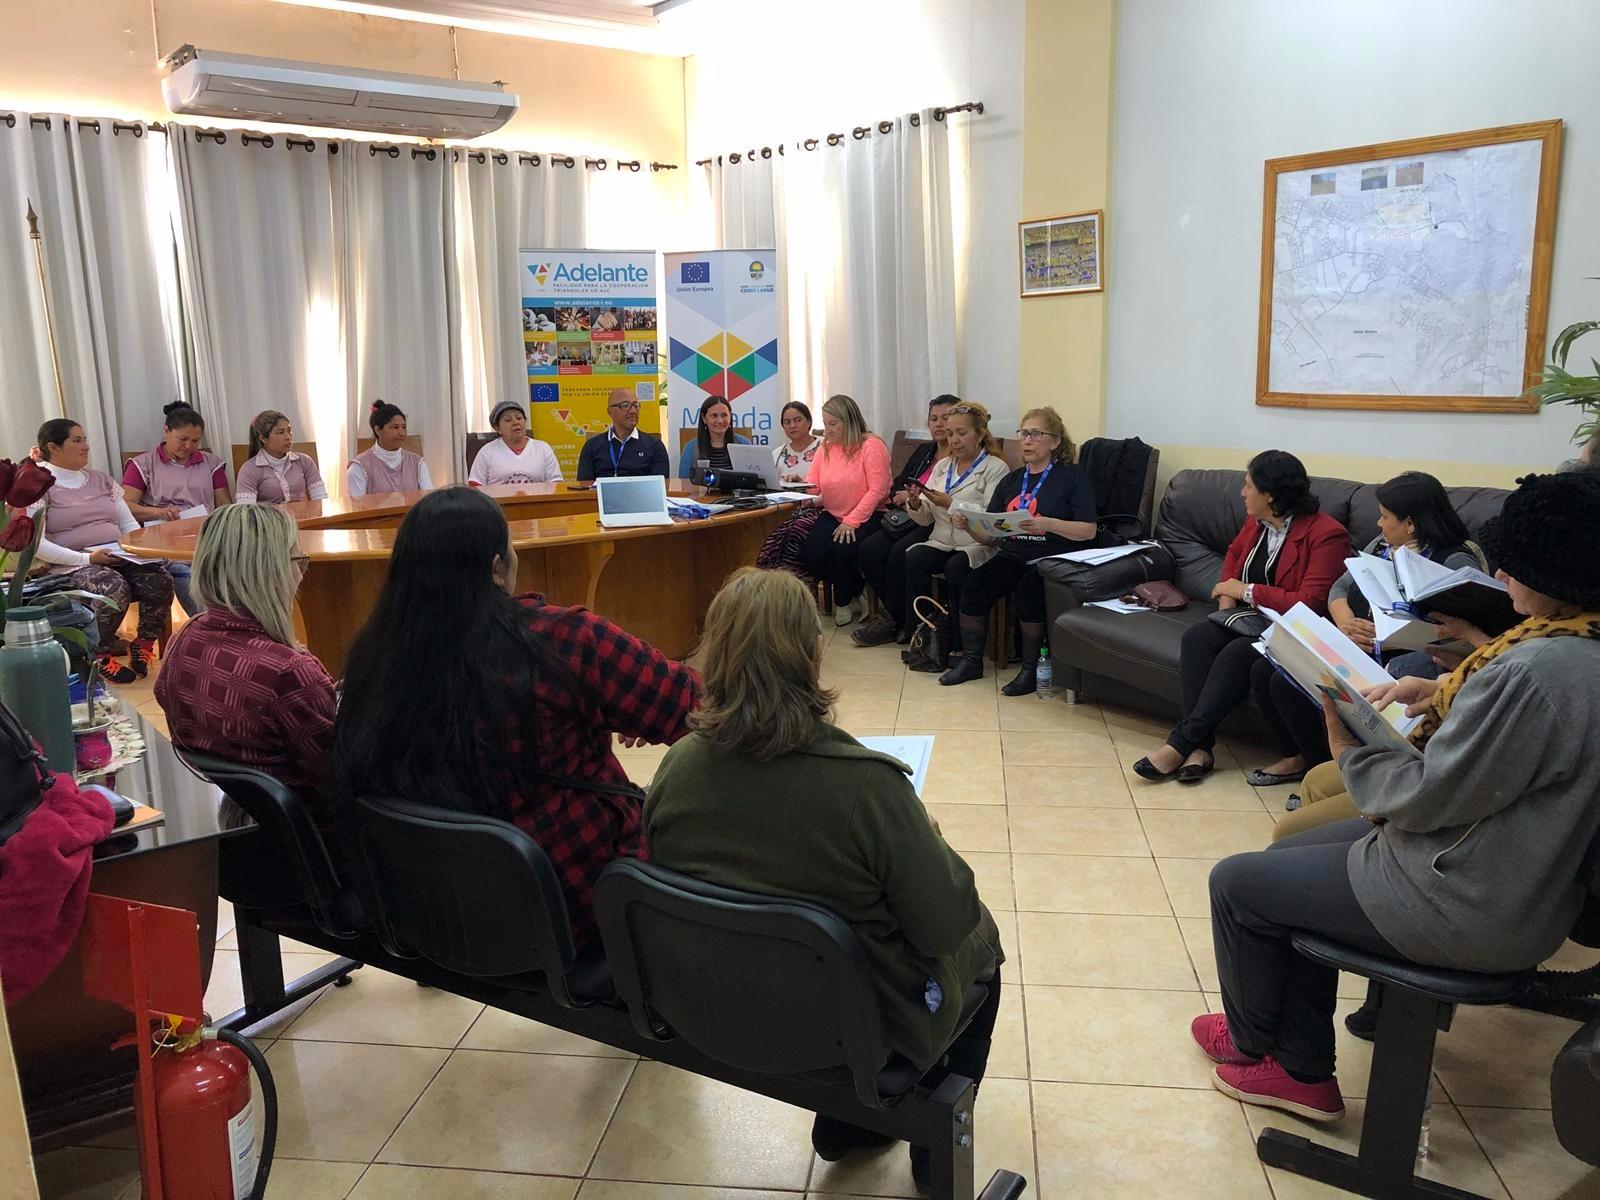 Sonia Gómez, referente de Género de Cerro Largo, impartió un taller de desarrollo personal orientado a mujeres emprendedoras del Municipio de Presidente Franco (Paraguay) que contó con la participación de más de 30 personas. Un buen ejemplo de transmisión de buenas prácticas entre los actores del proyecto.